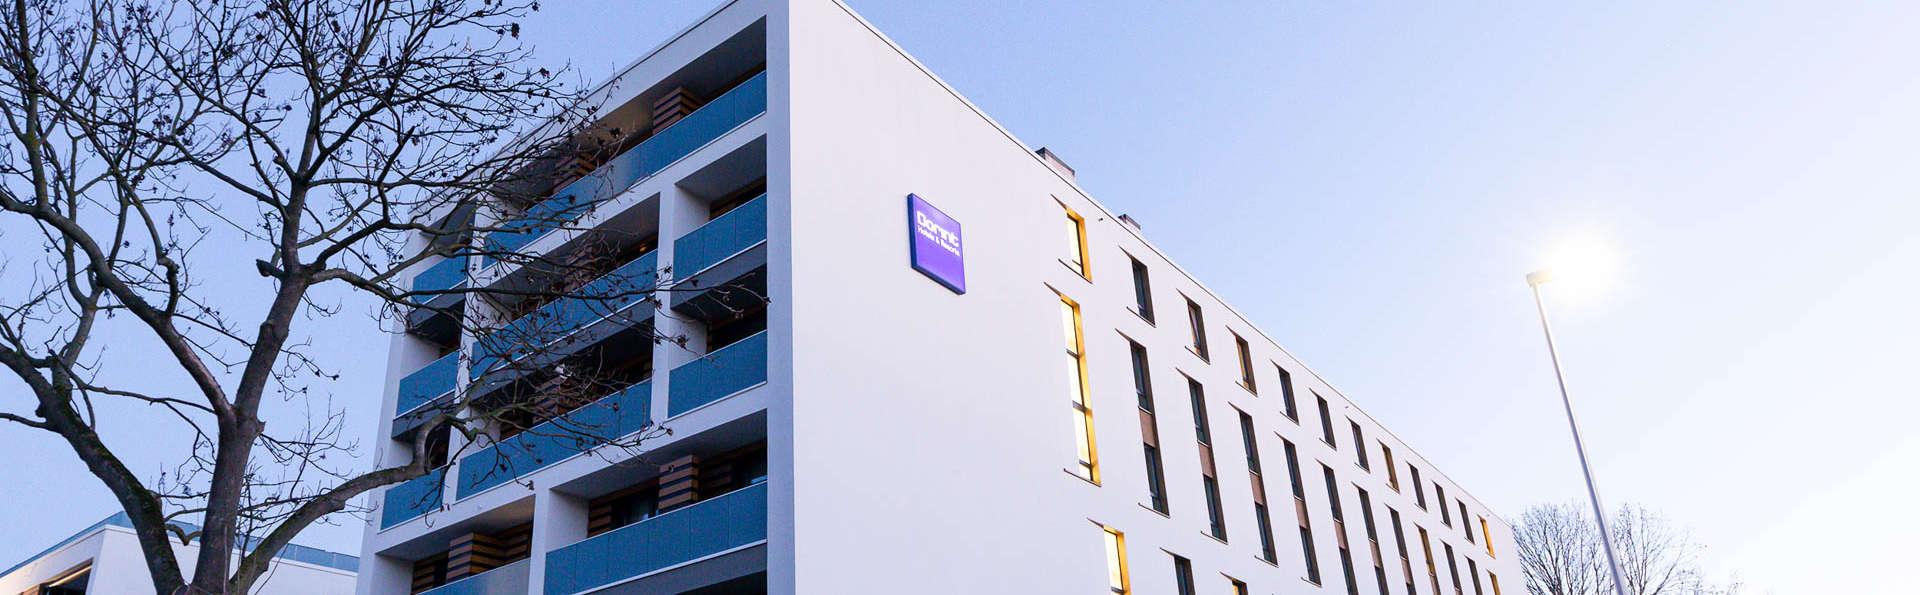 Dorint Hotel Düren - EDIT_N3_FRONT2.jpg